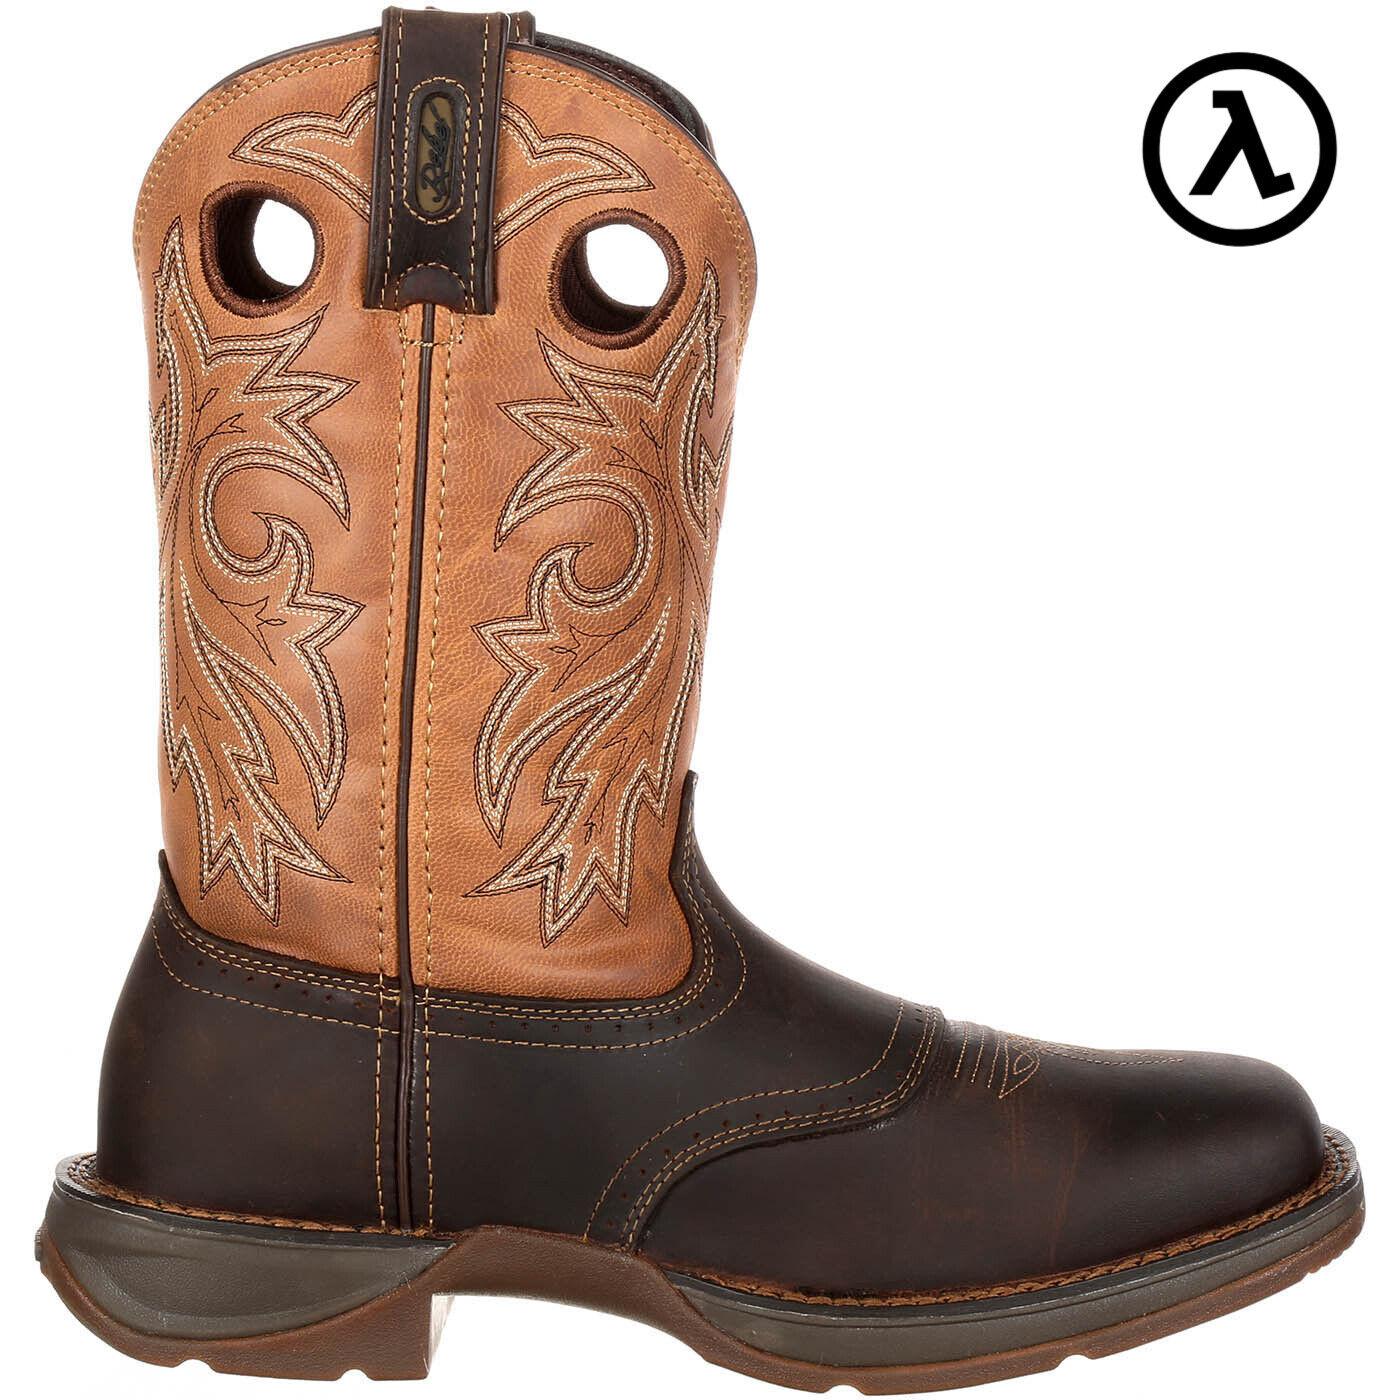 EsES botas impermeables db019 de acero Durango rebelde de todas las Tallas